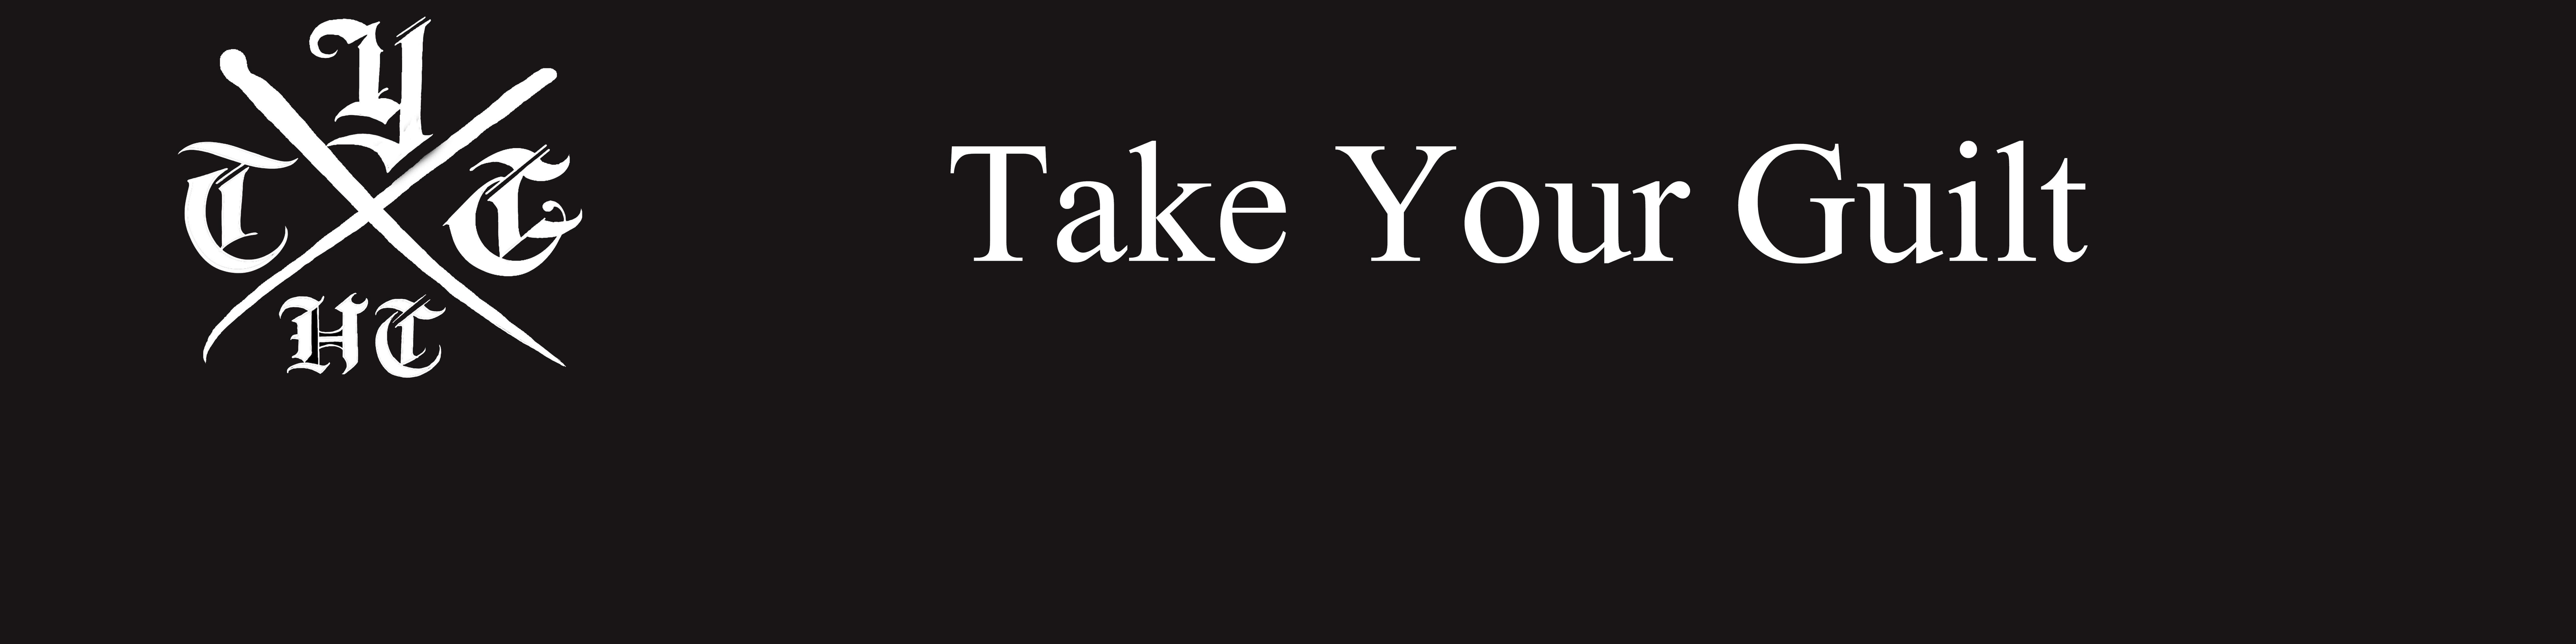 www.takeyourguilt.com